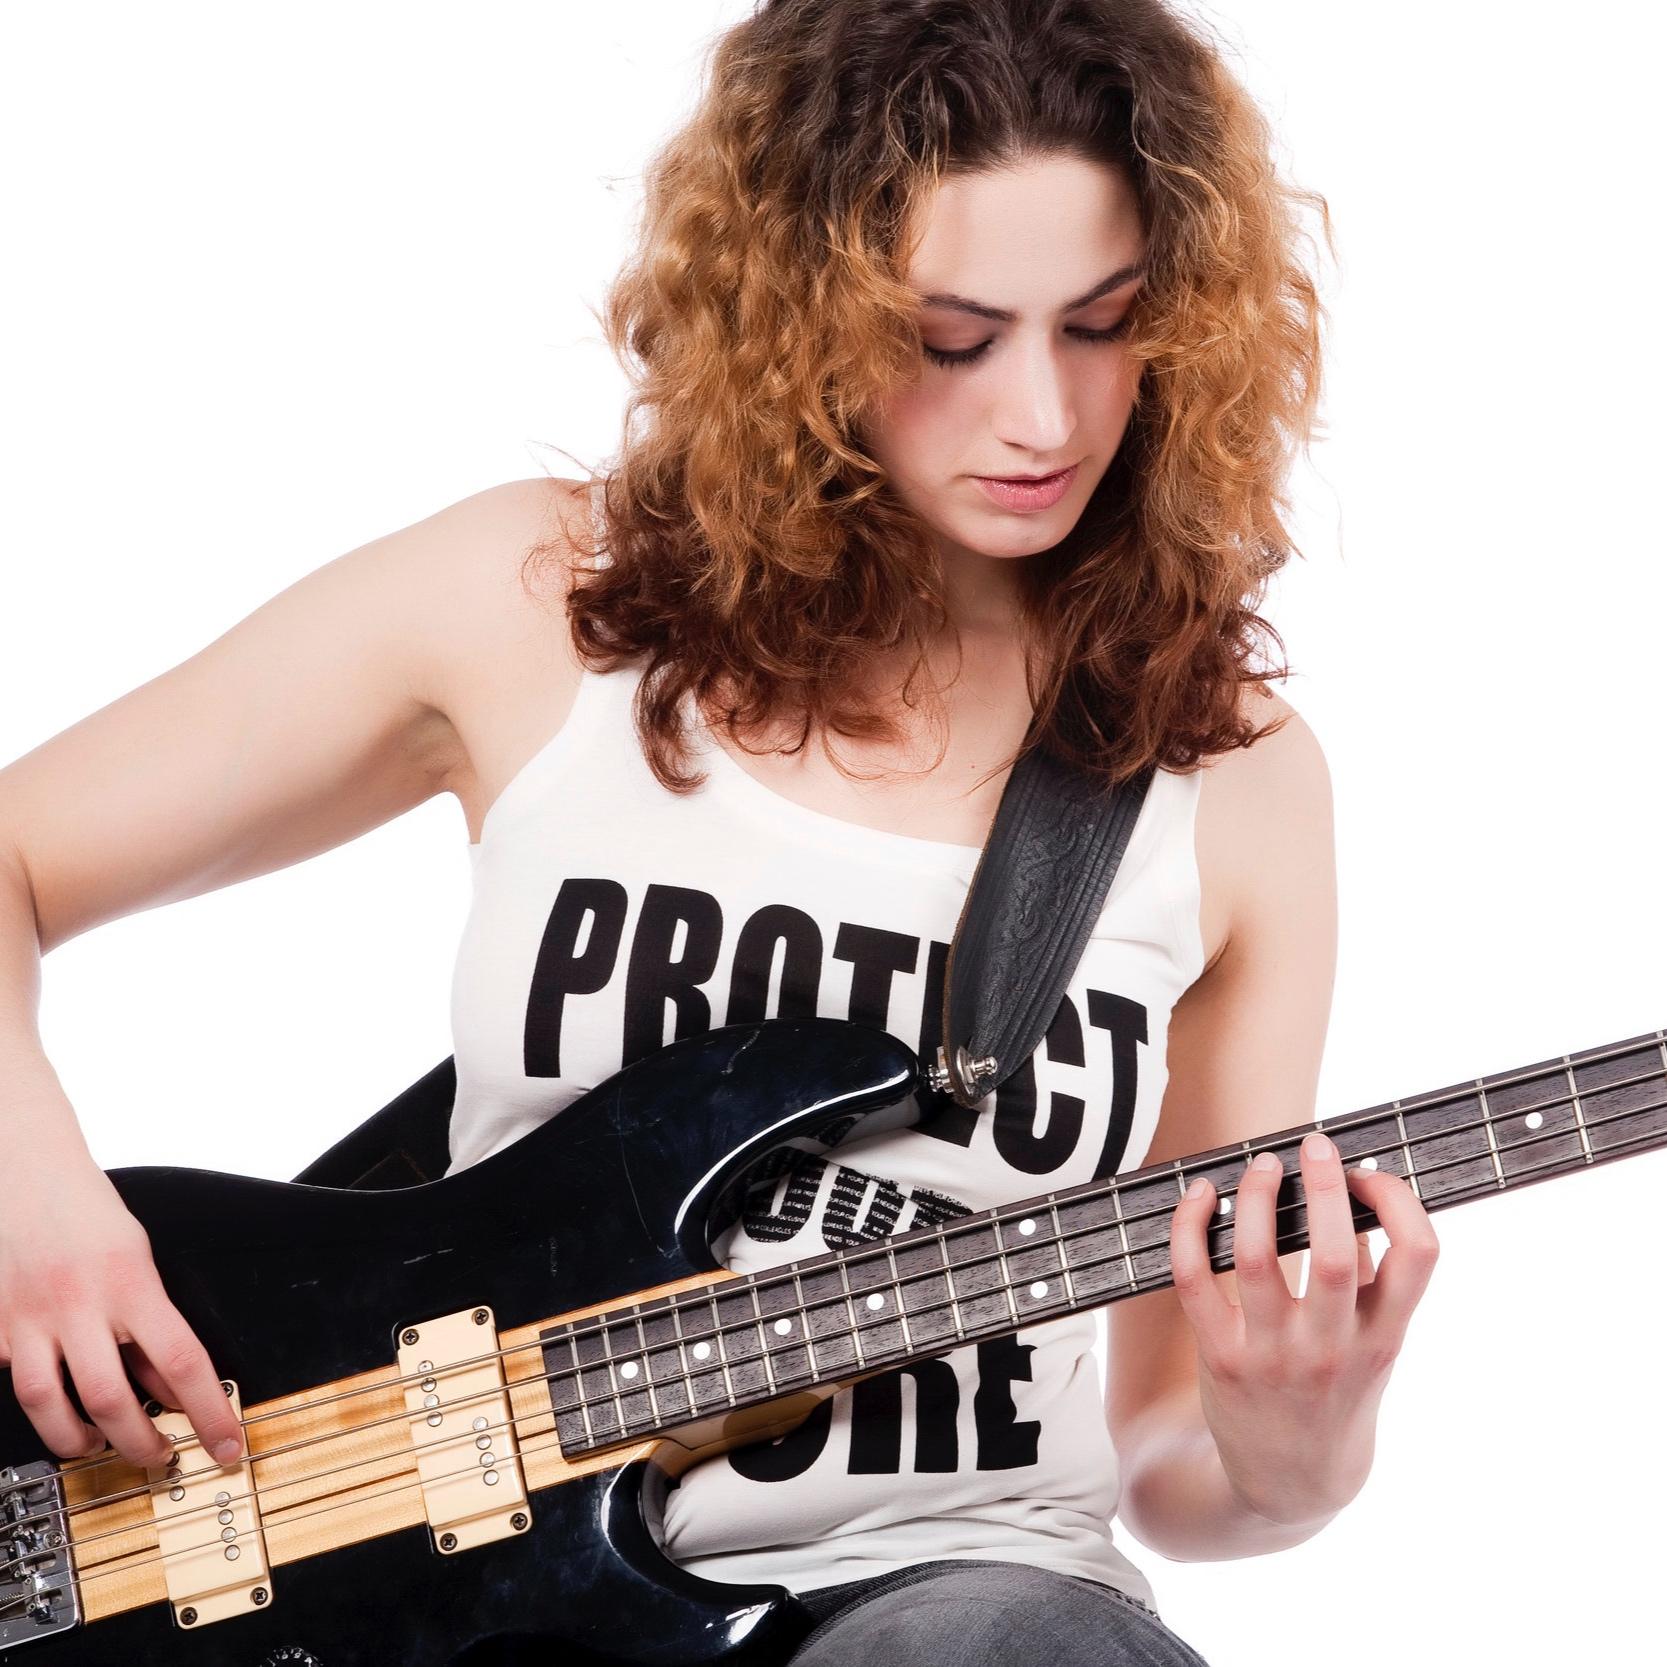 E-Bass_3x2.jpg